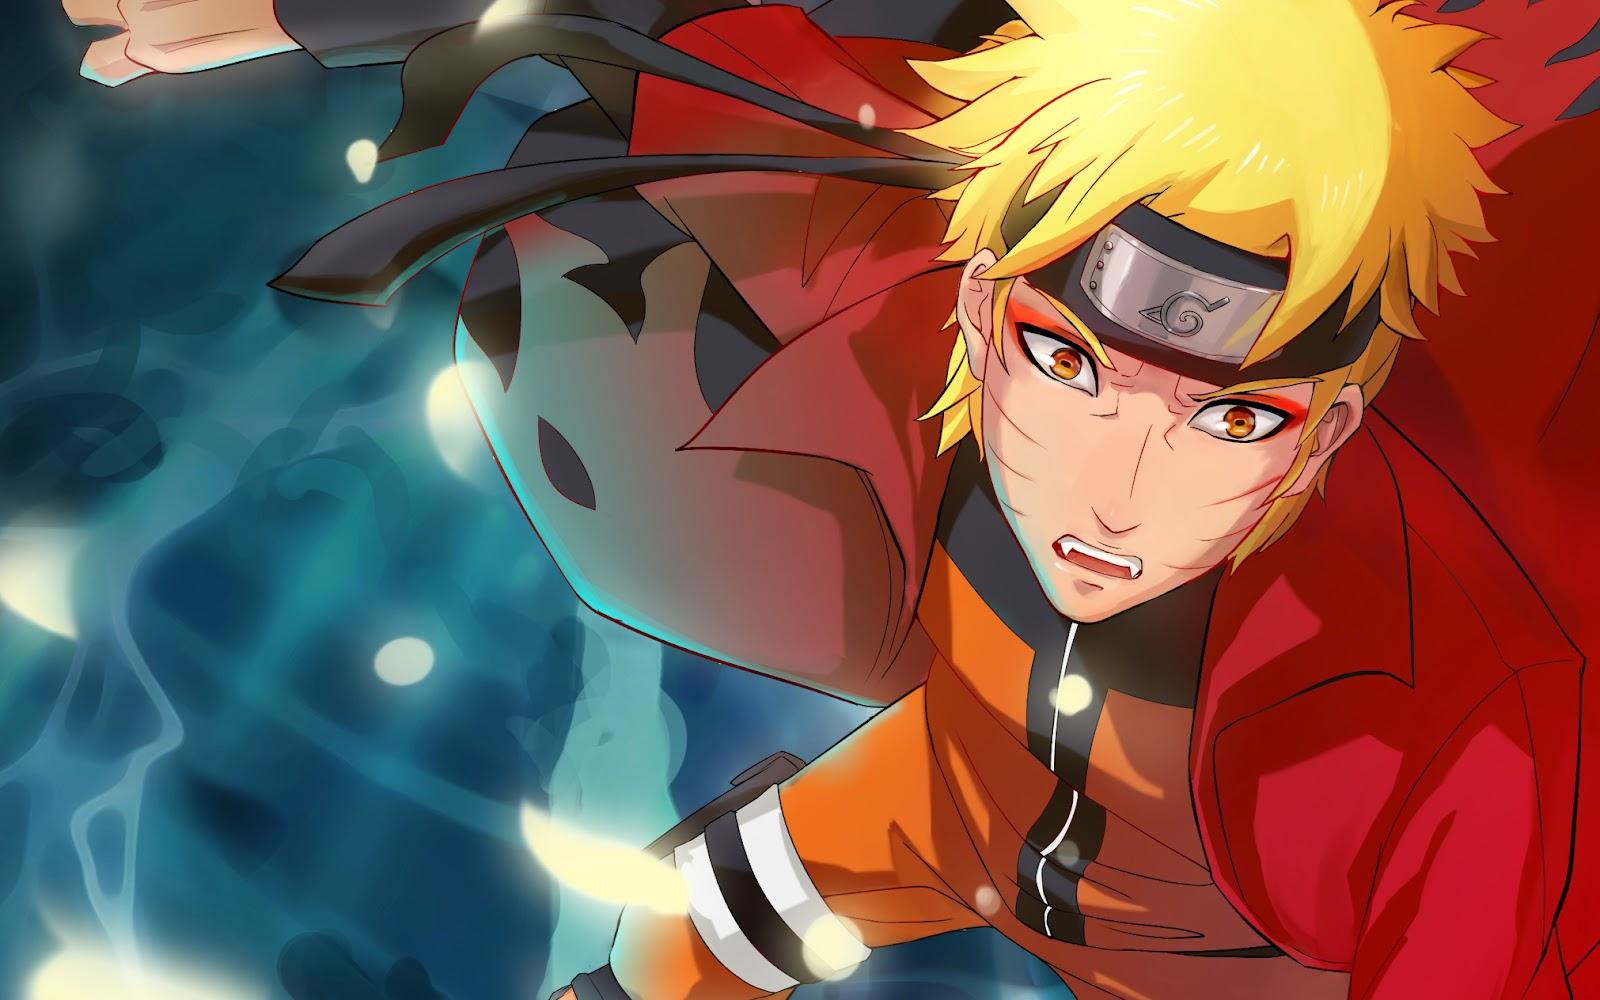 Wallpapers Naruto Shippuden y Naruto